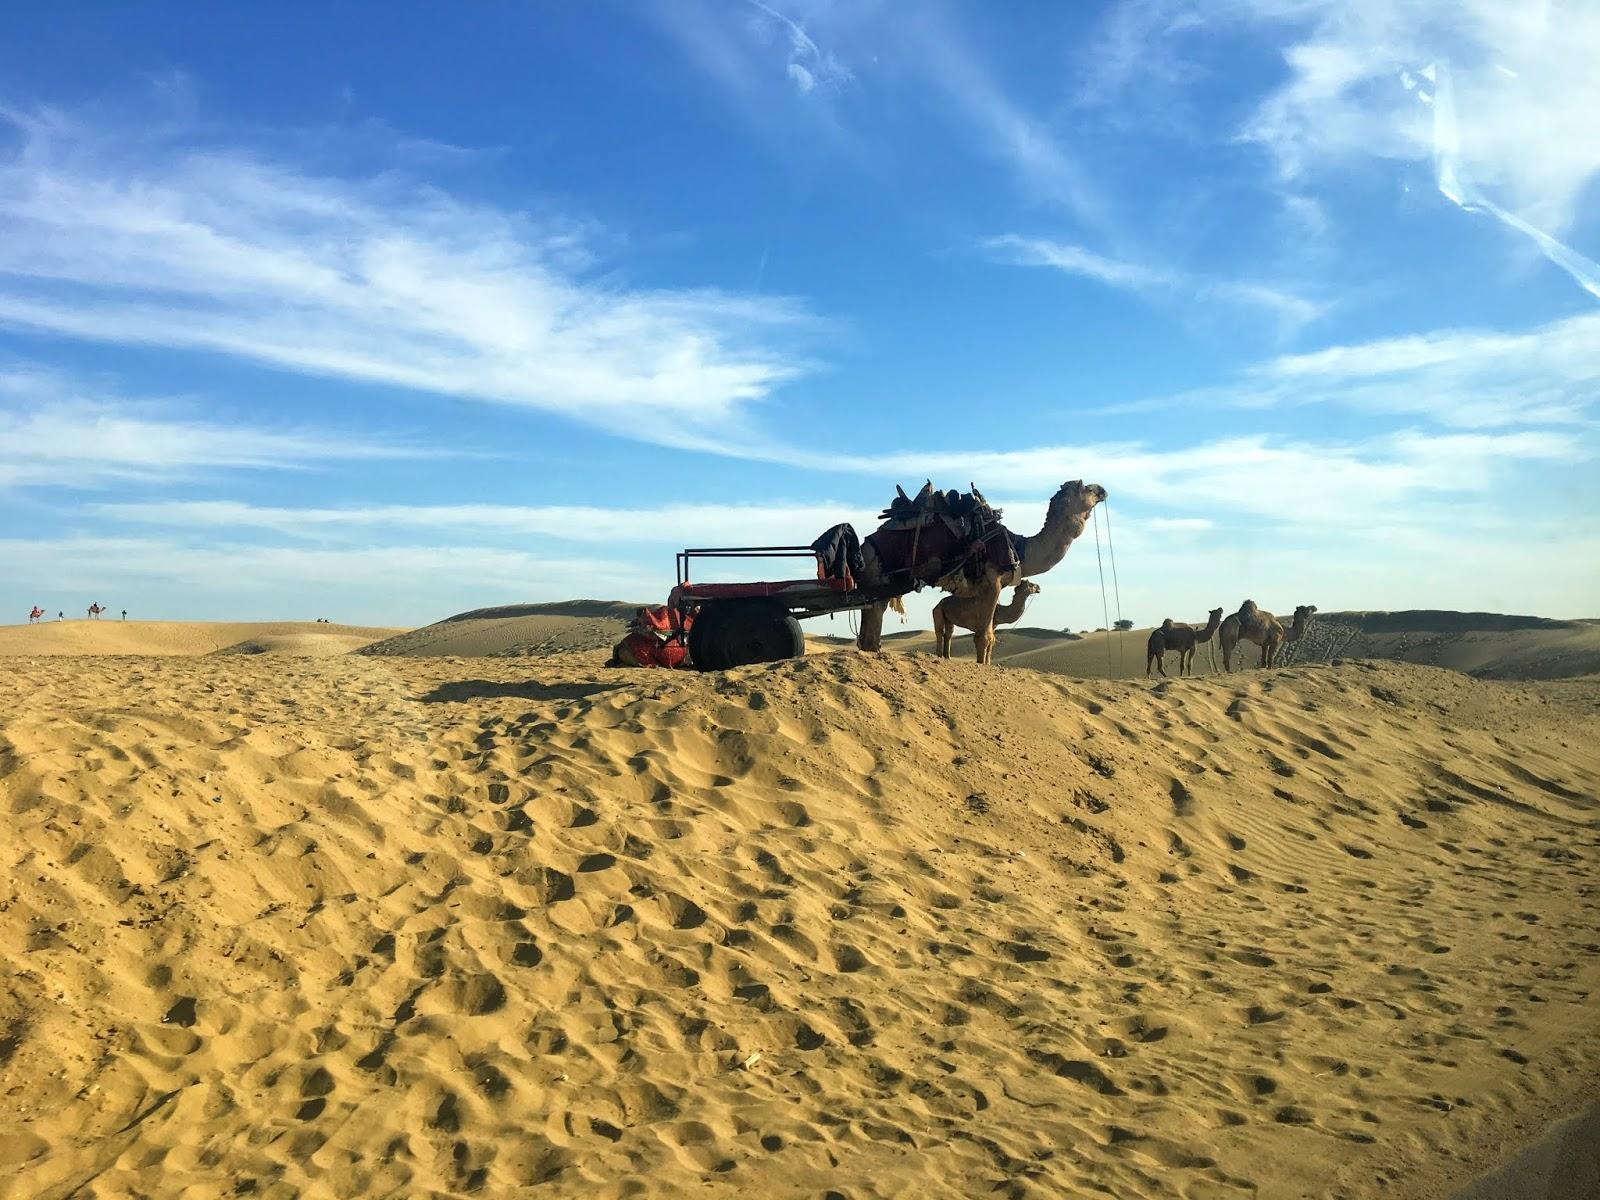 Sam Sand Dunes, Rajasthan